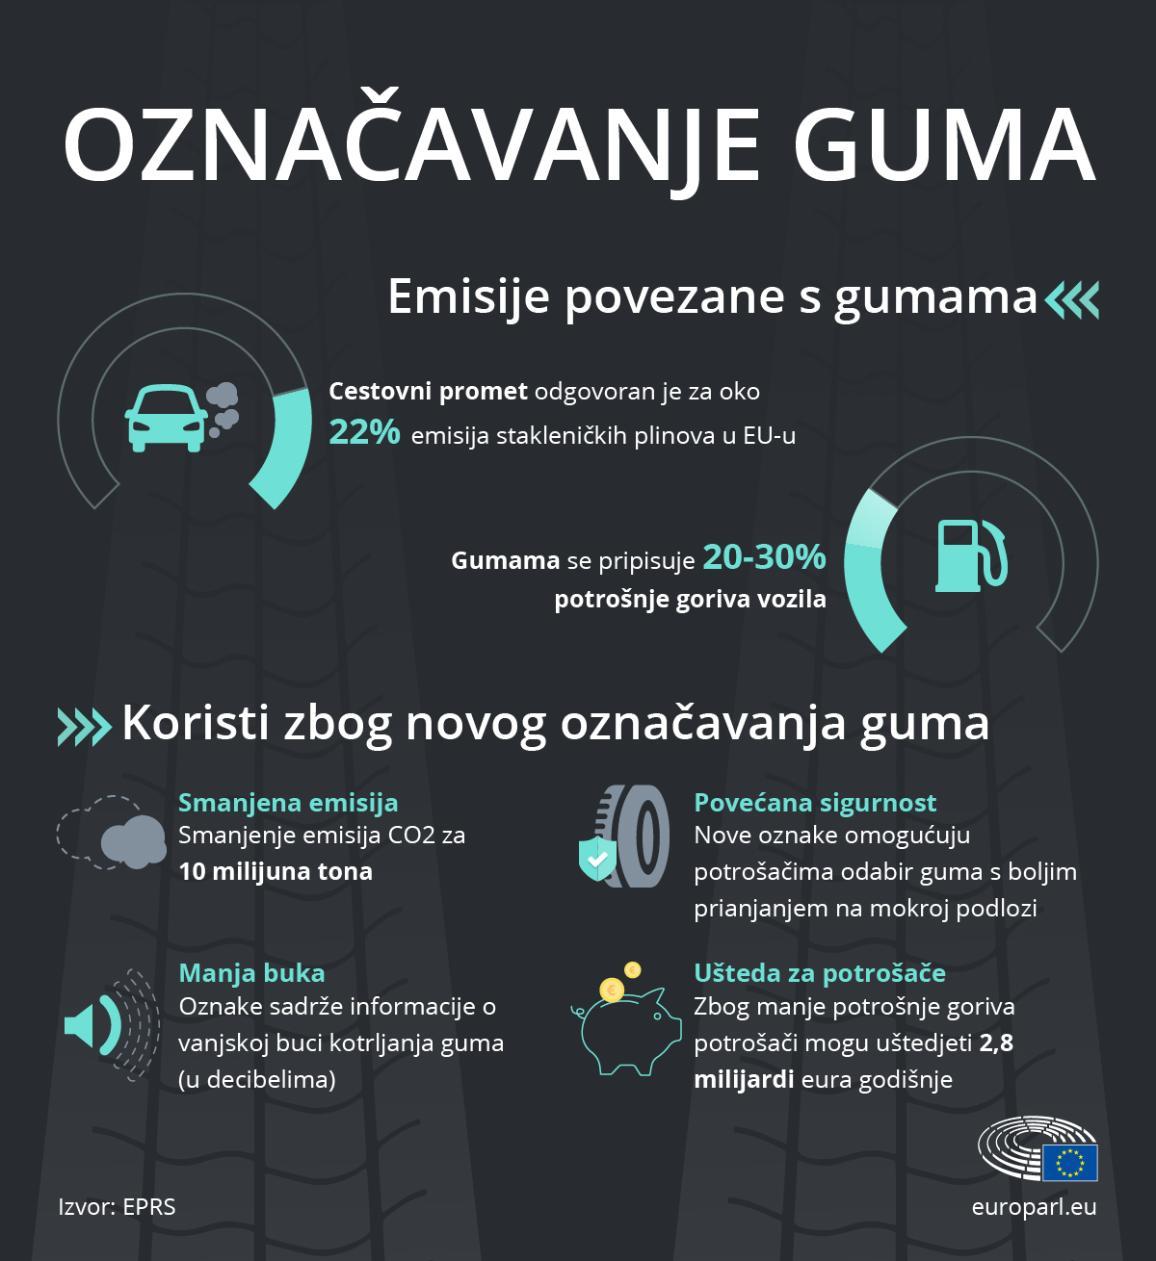 Infografika o označavanju guma